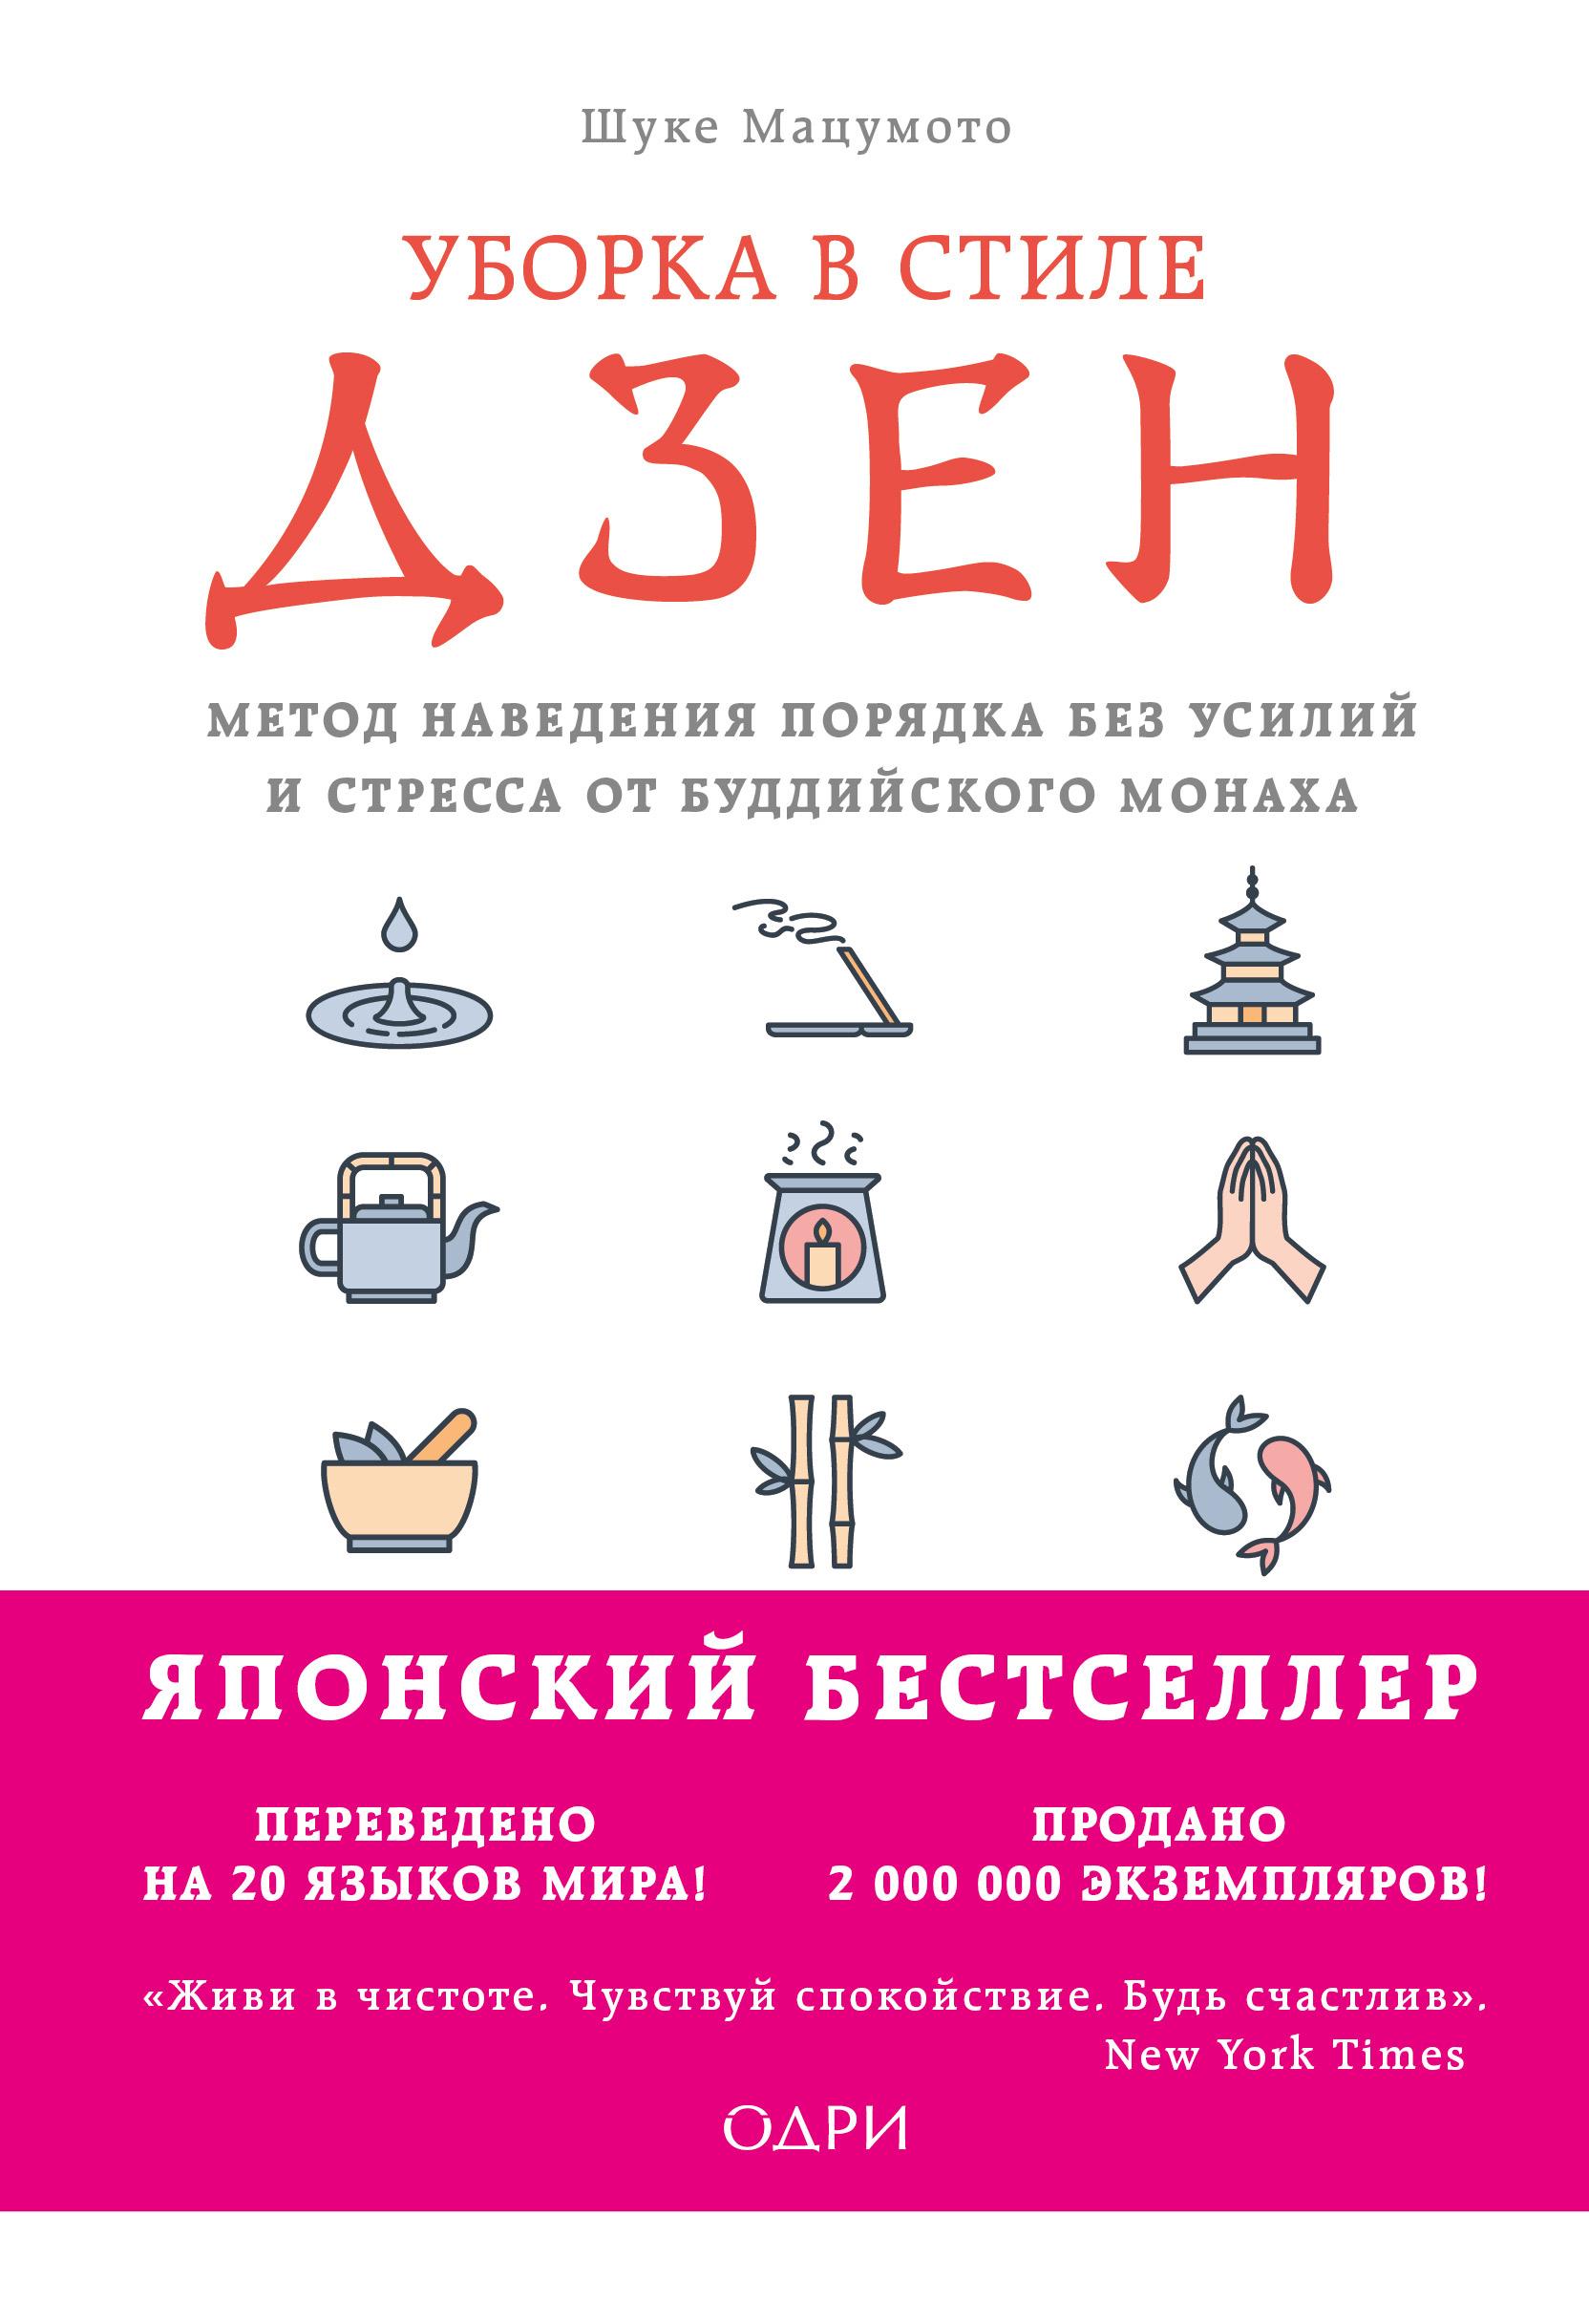 Шуке Мацумото «Уборка в стиле дзен. Метод наведения порядка без усилий и стресса от буддийского монаха»